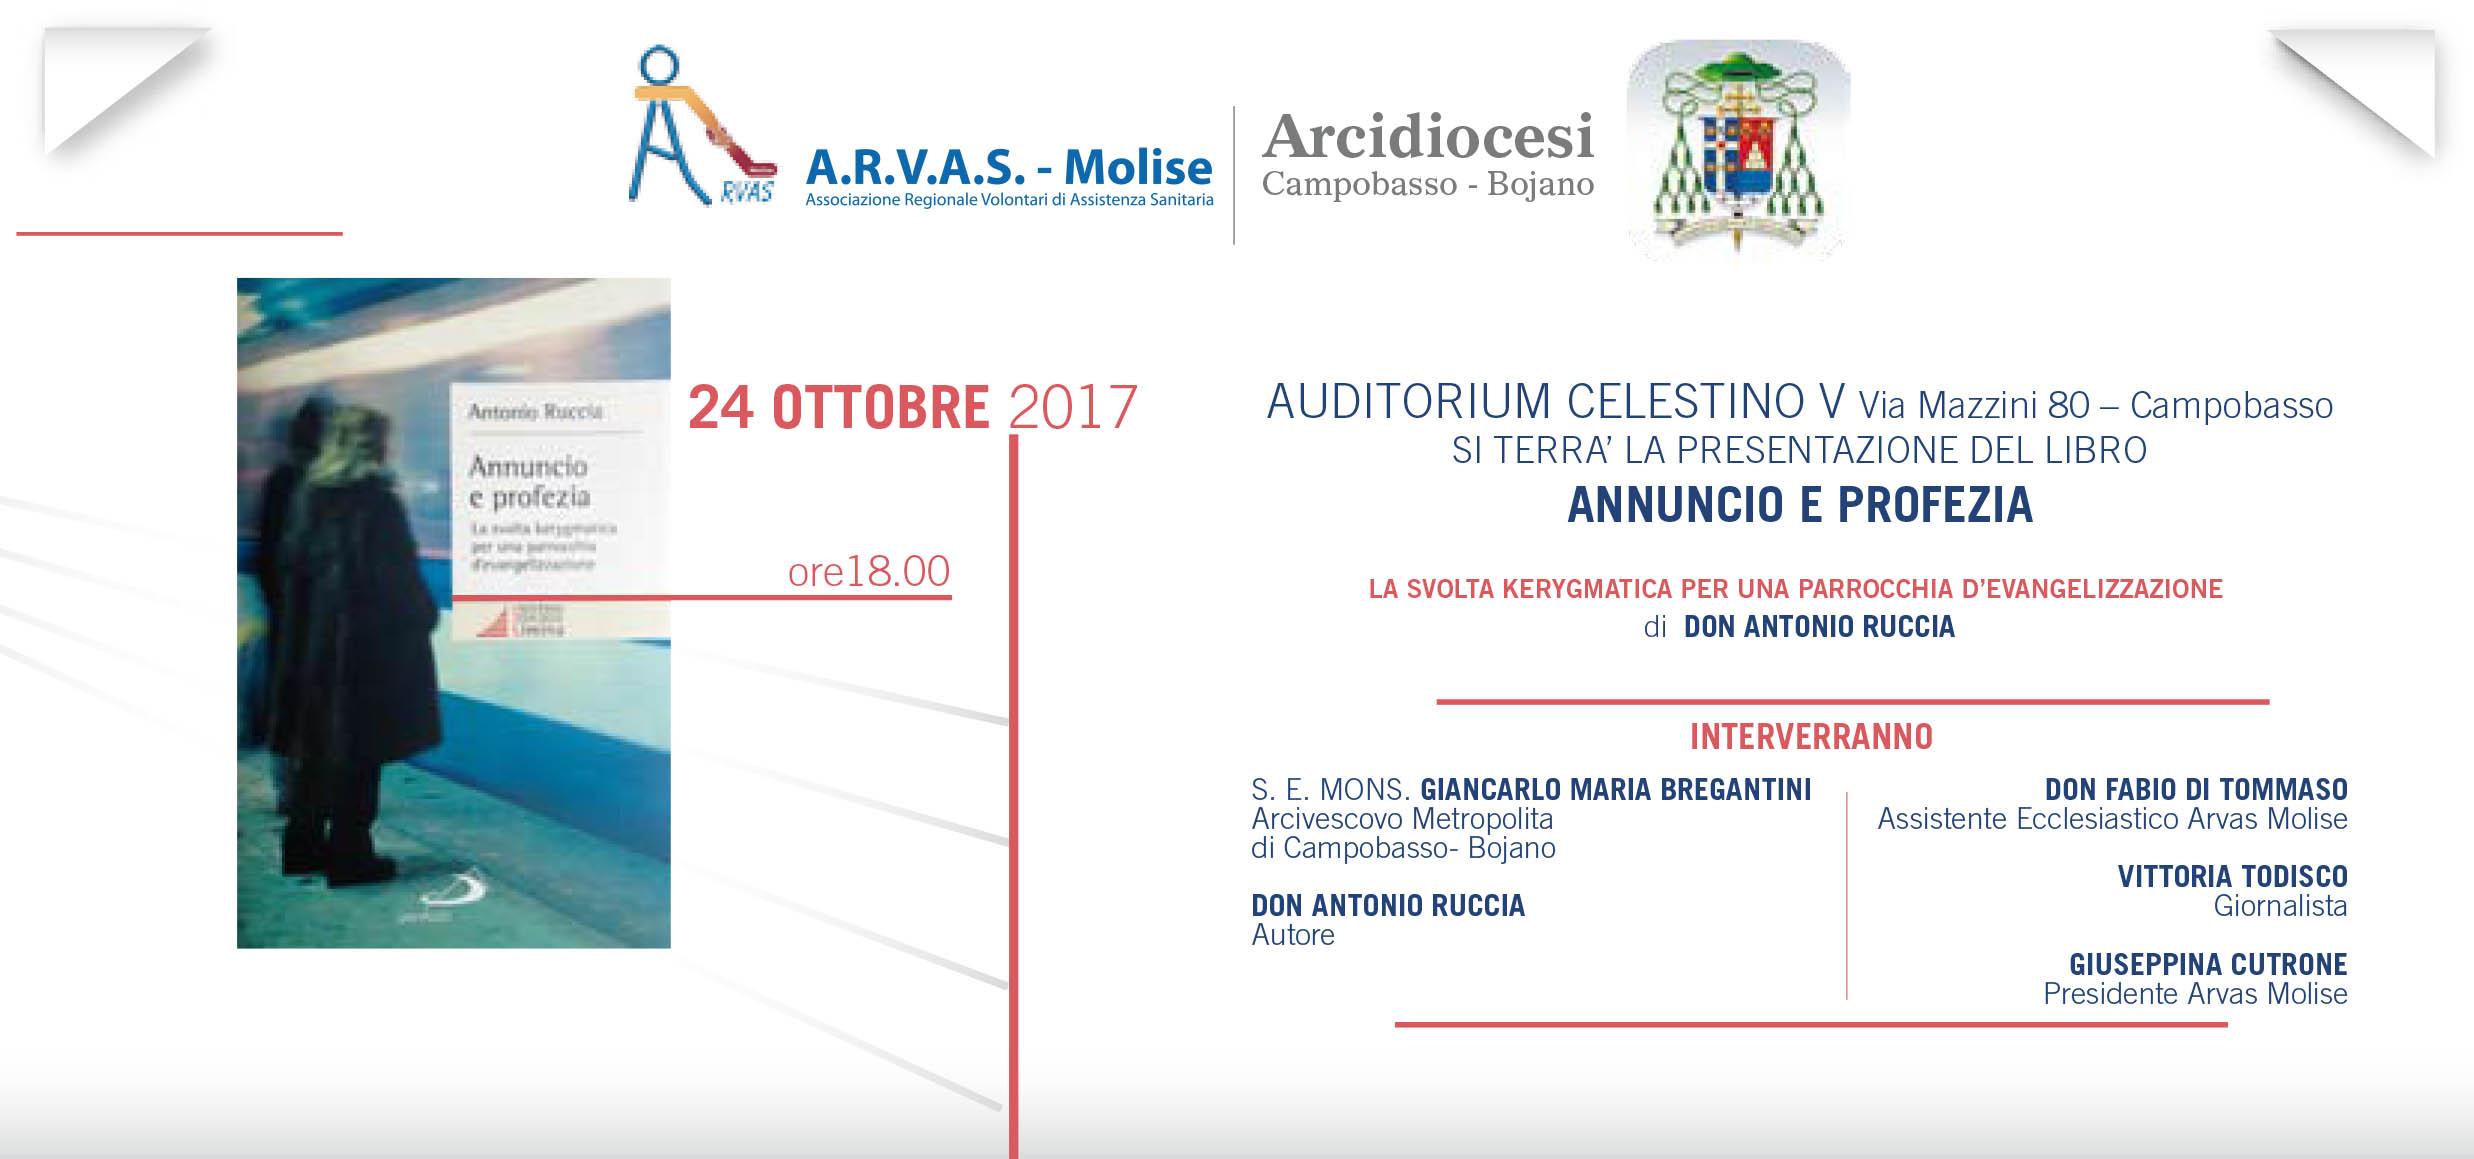 Annuncio e Profezia, domani incontro con Don Antonio Ruccia